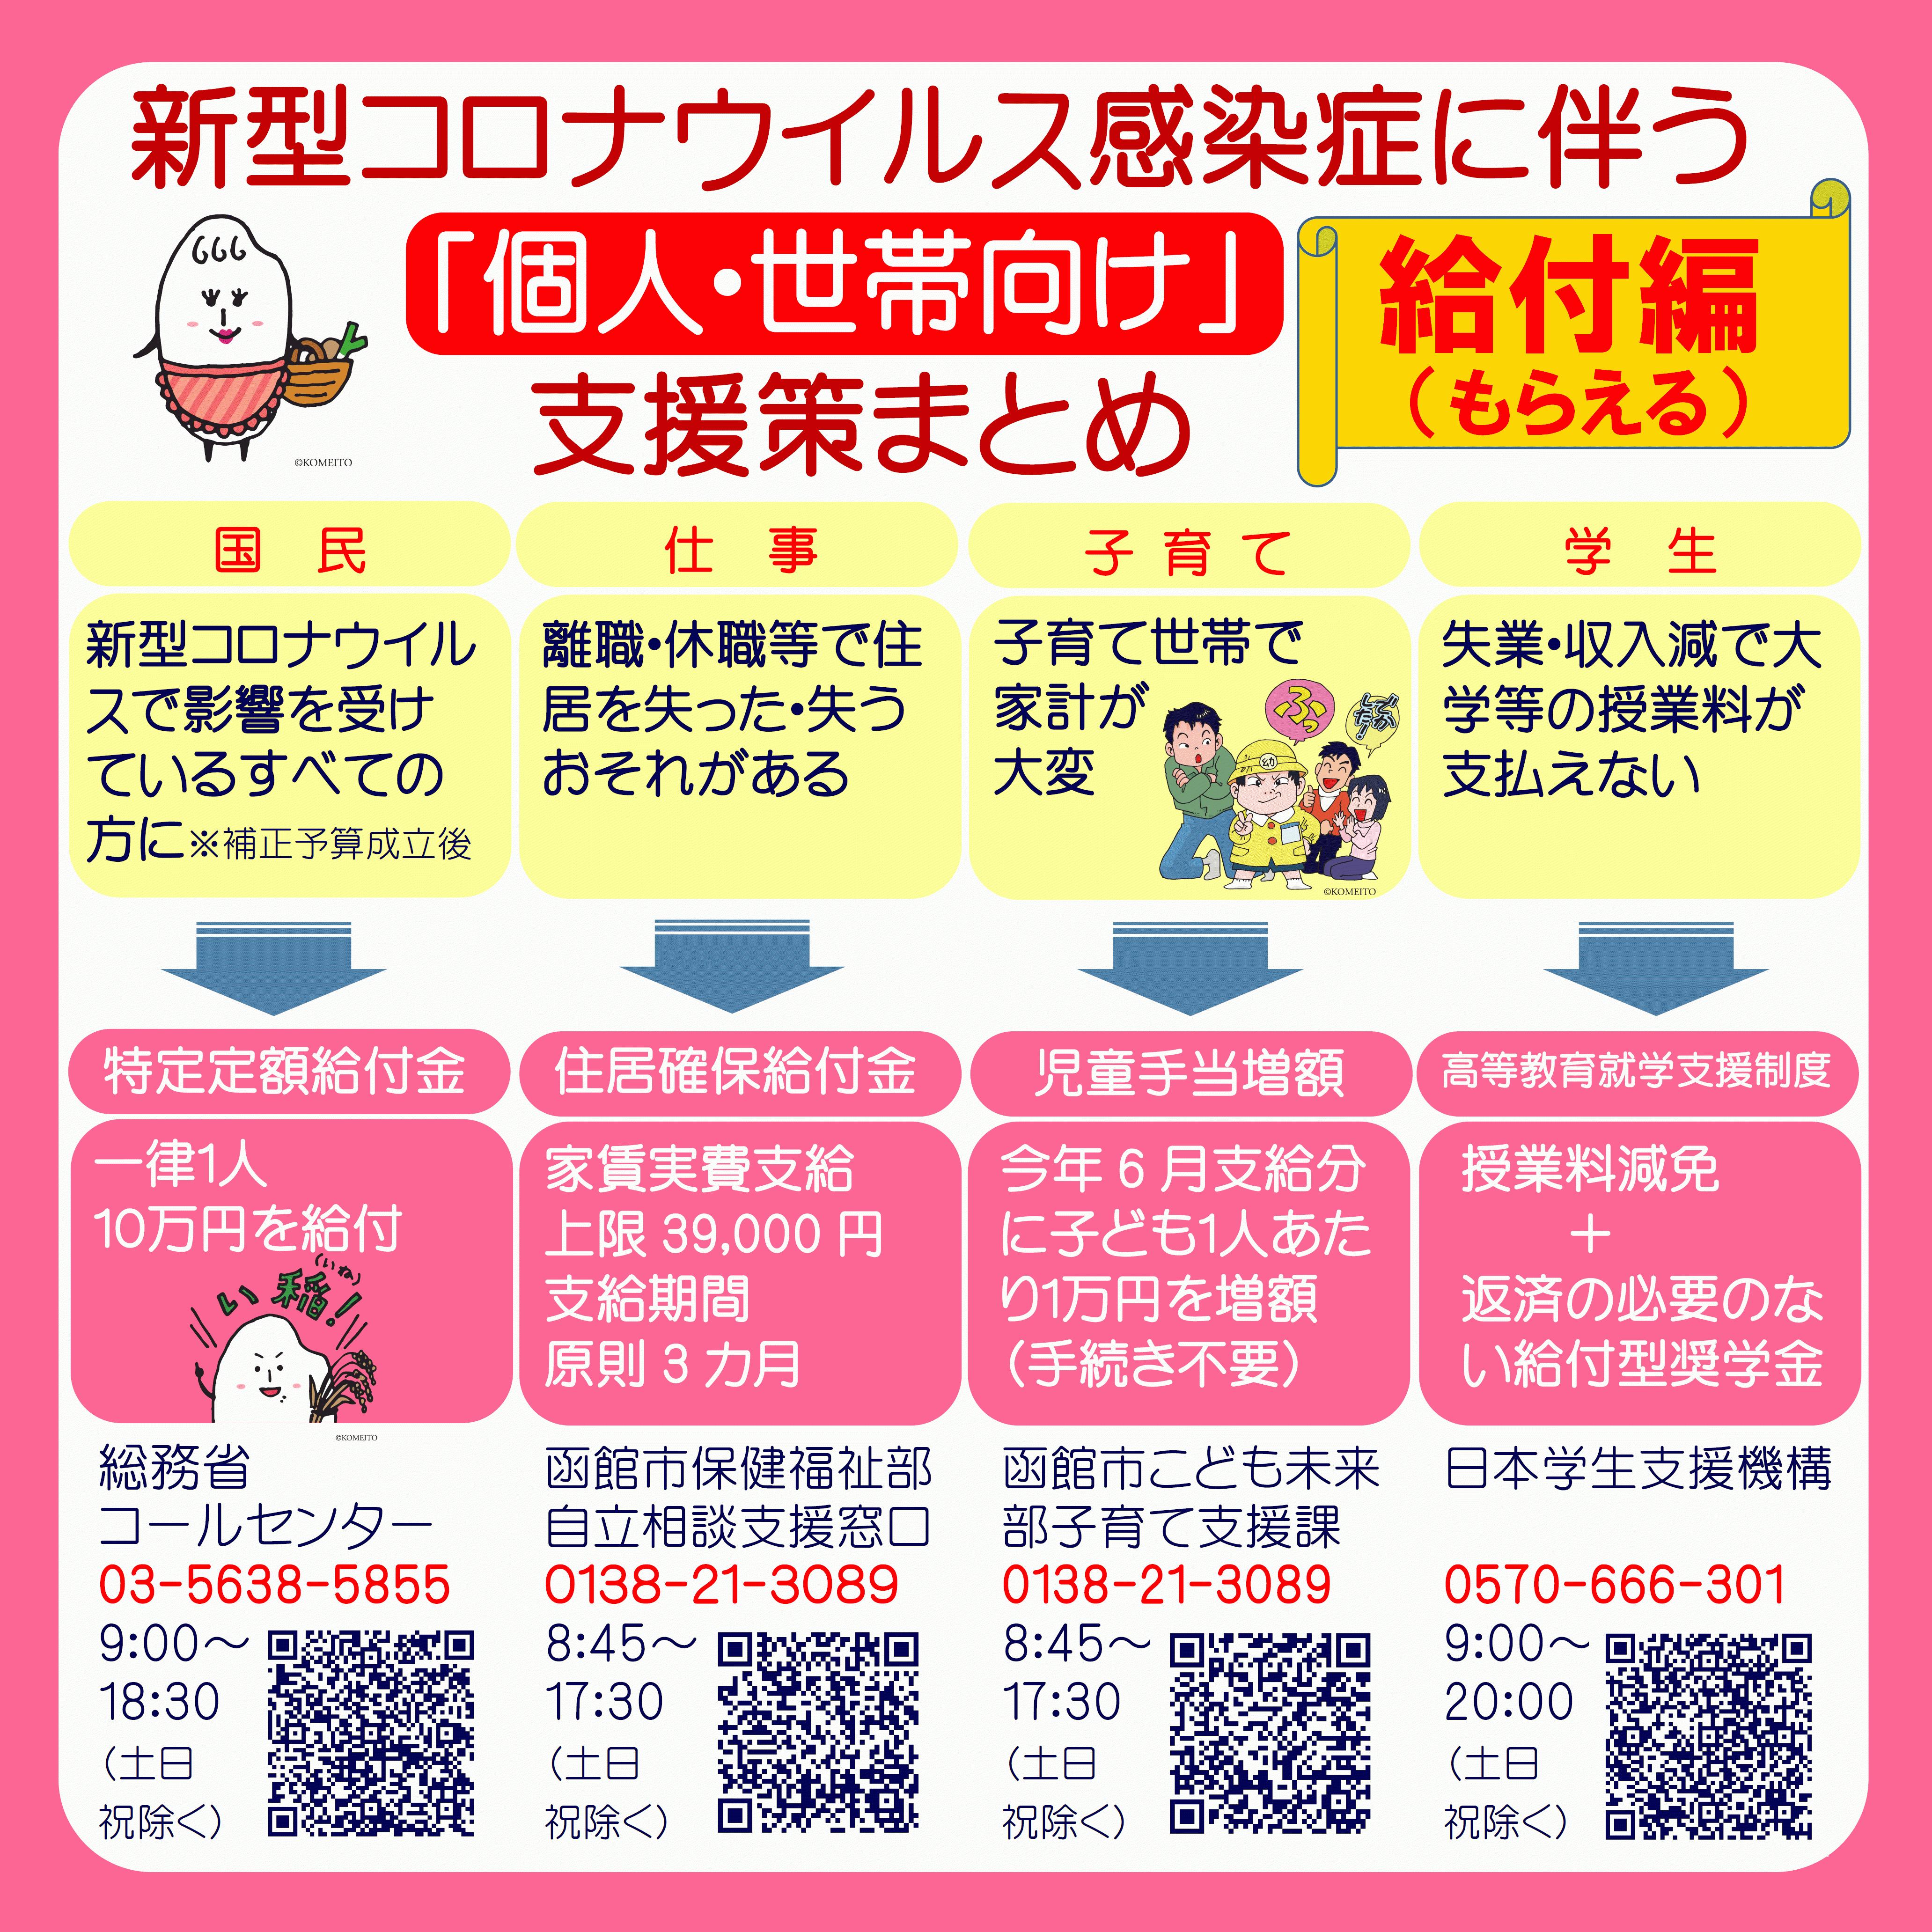 函館 コロナ 感染